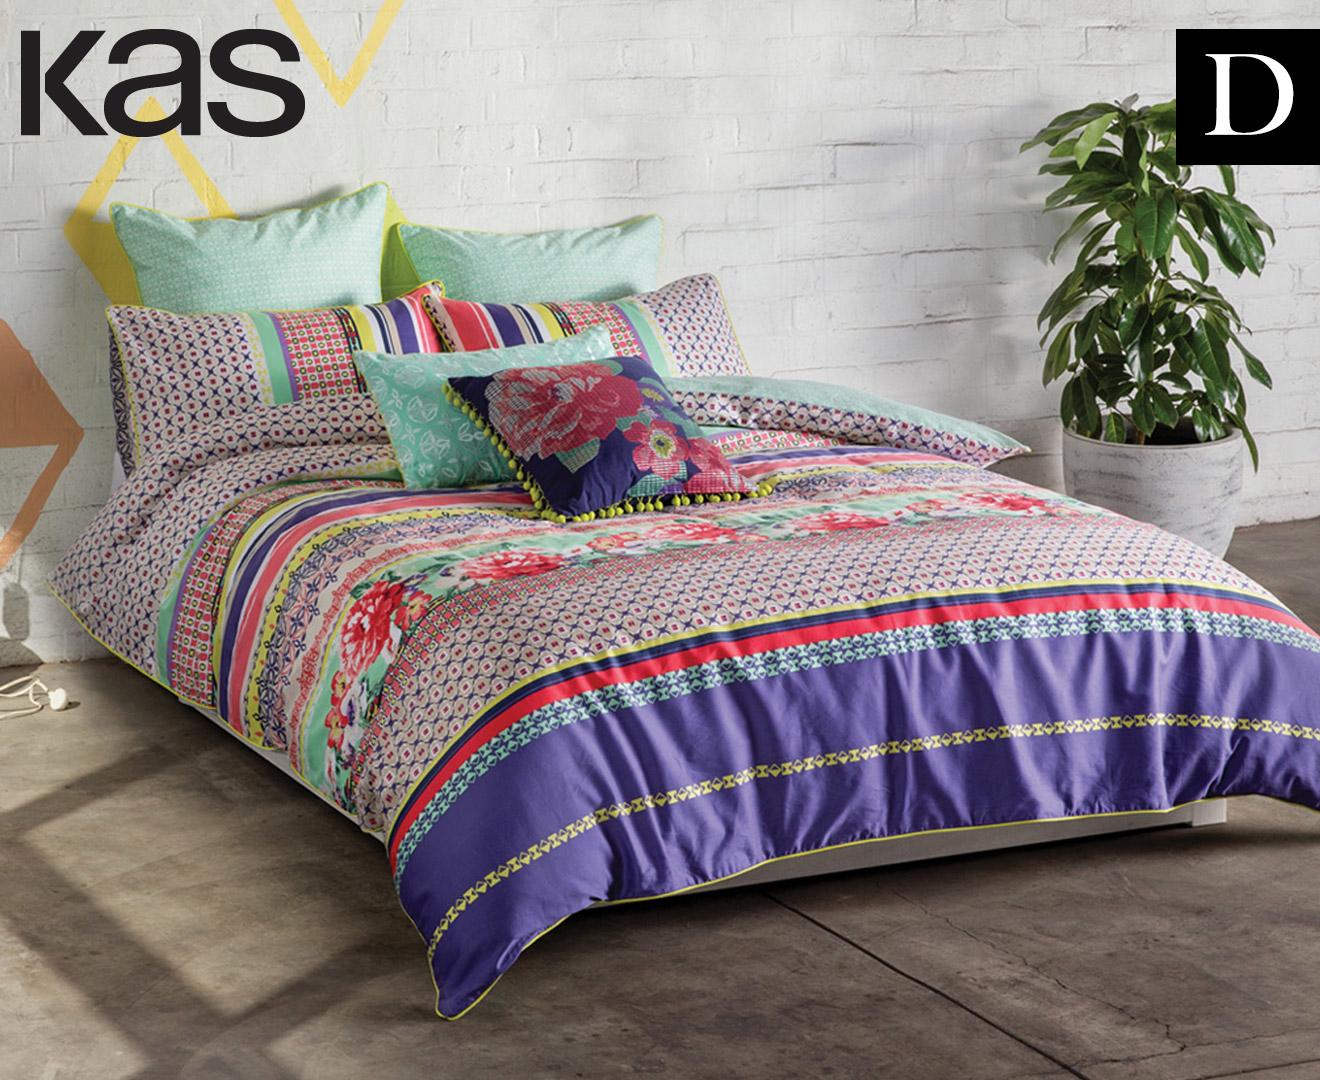 KAS Suzie Double Bed Quilt Cover Set - Multi